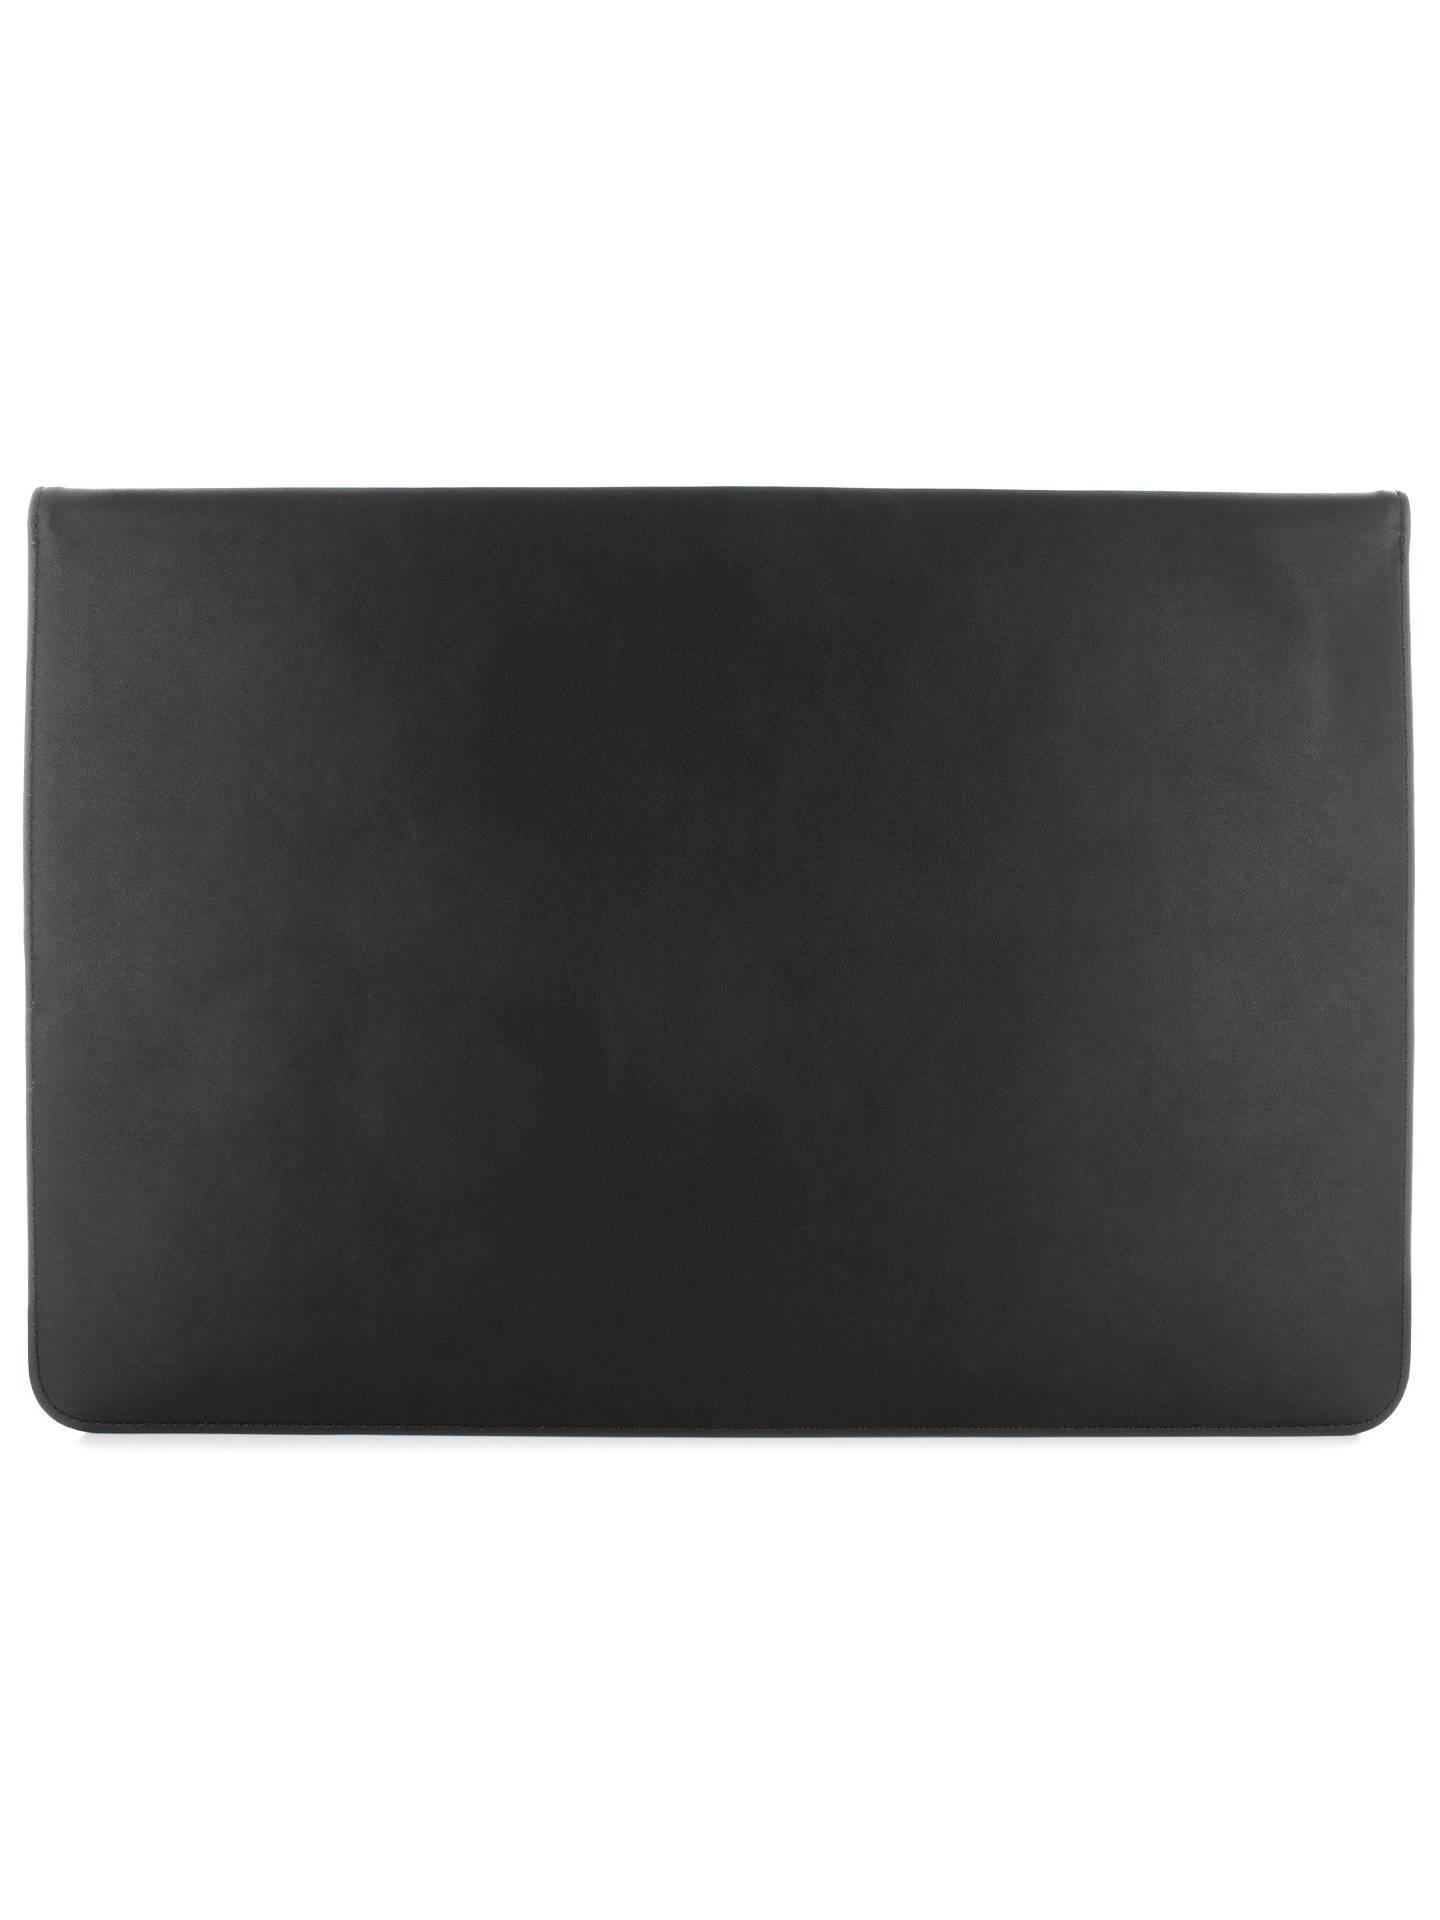 af0e037409af6f Buy Ted Baker Hexwhizz Sleeve for Microsoft Surface Pro 3